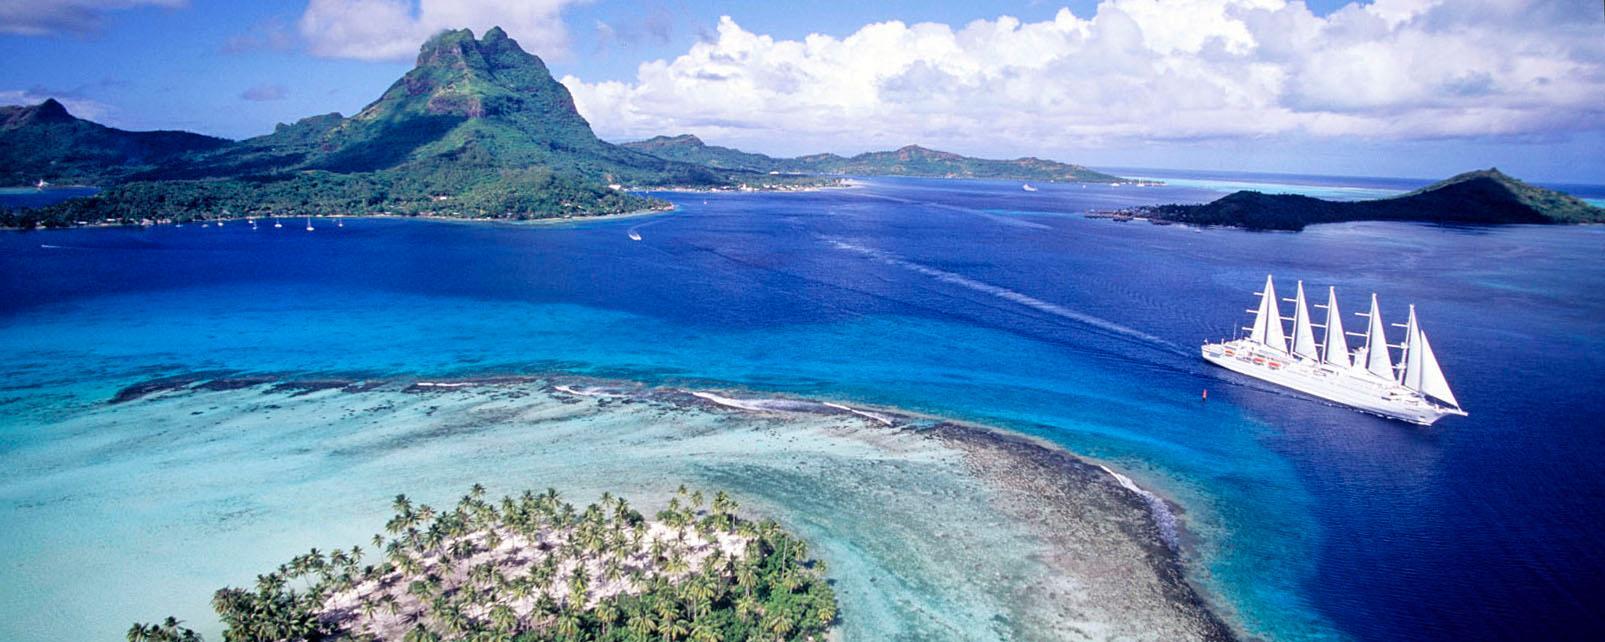 Informazioni pratiche Tahiti, Bora Bora , Polinesia francese ...